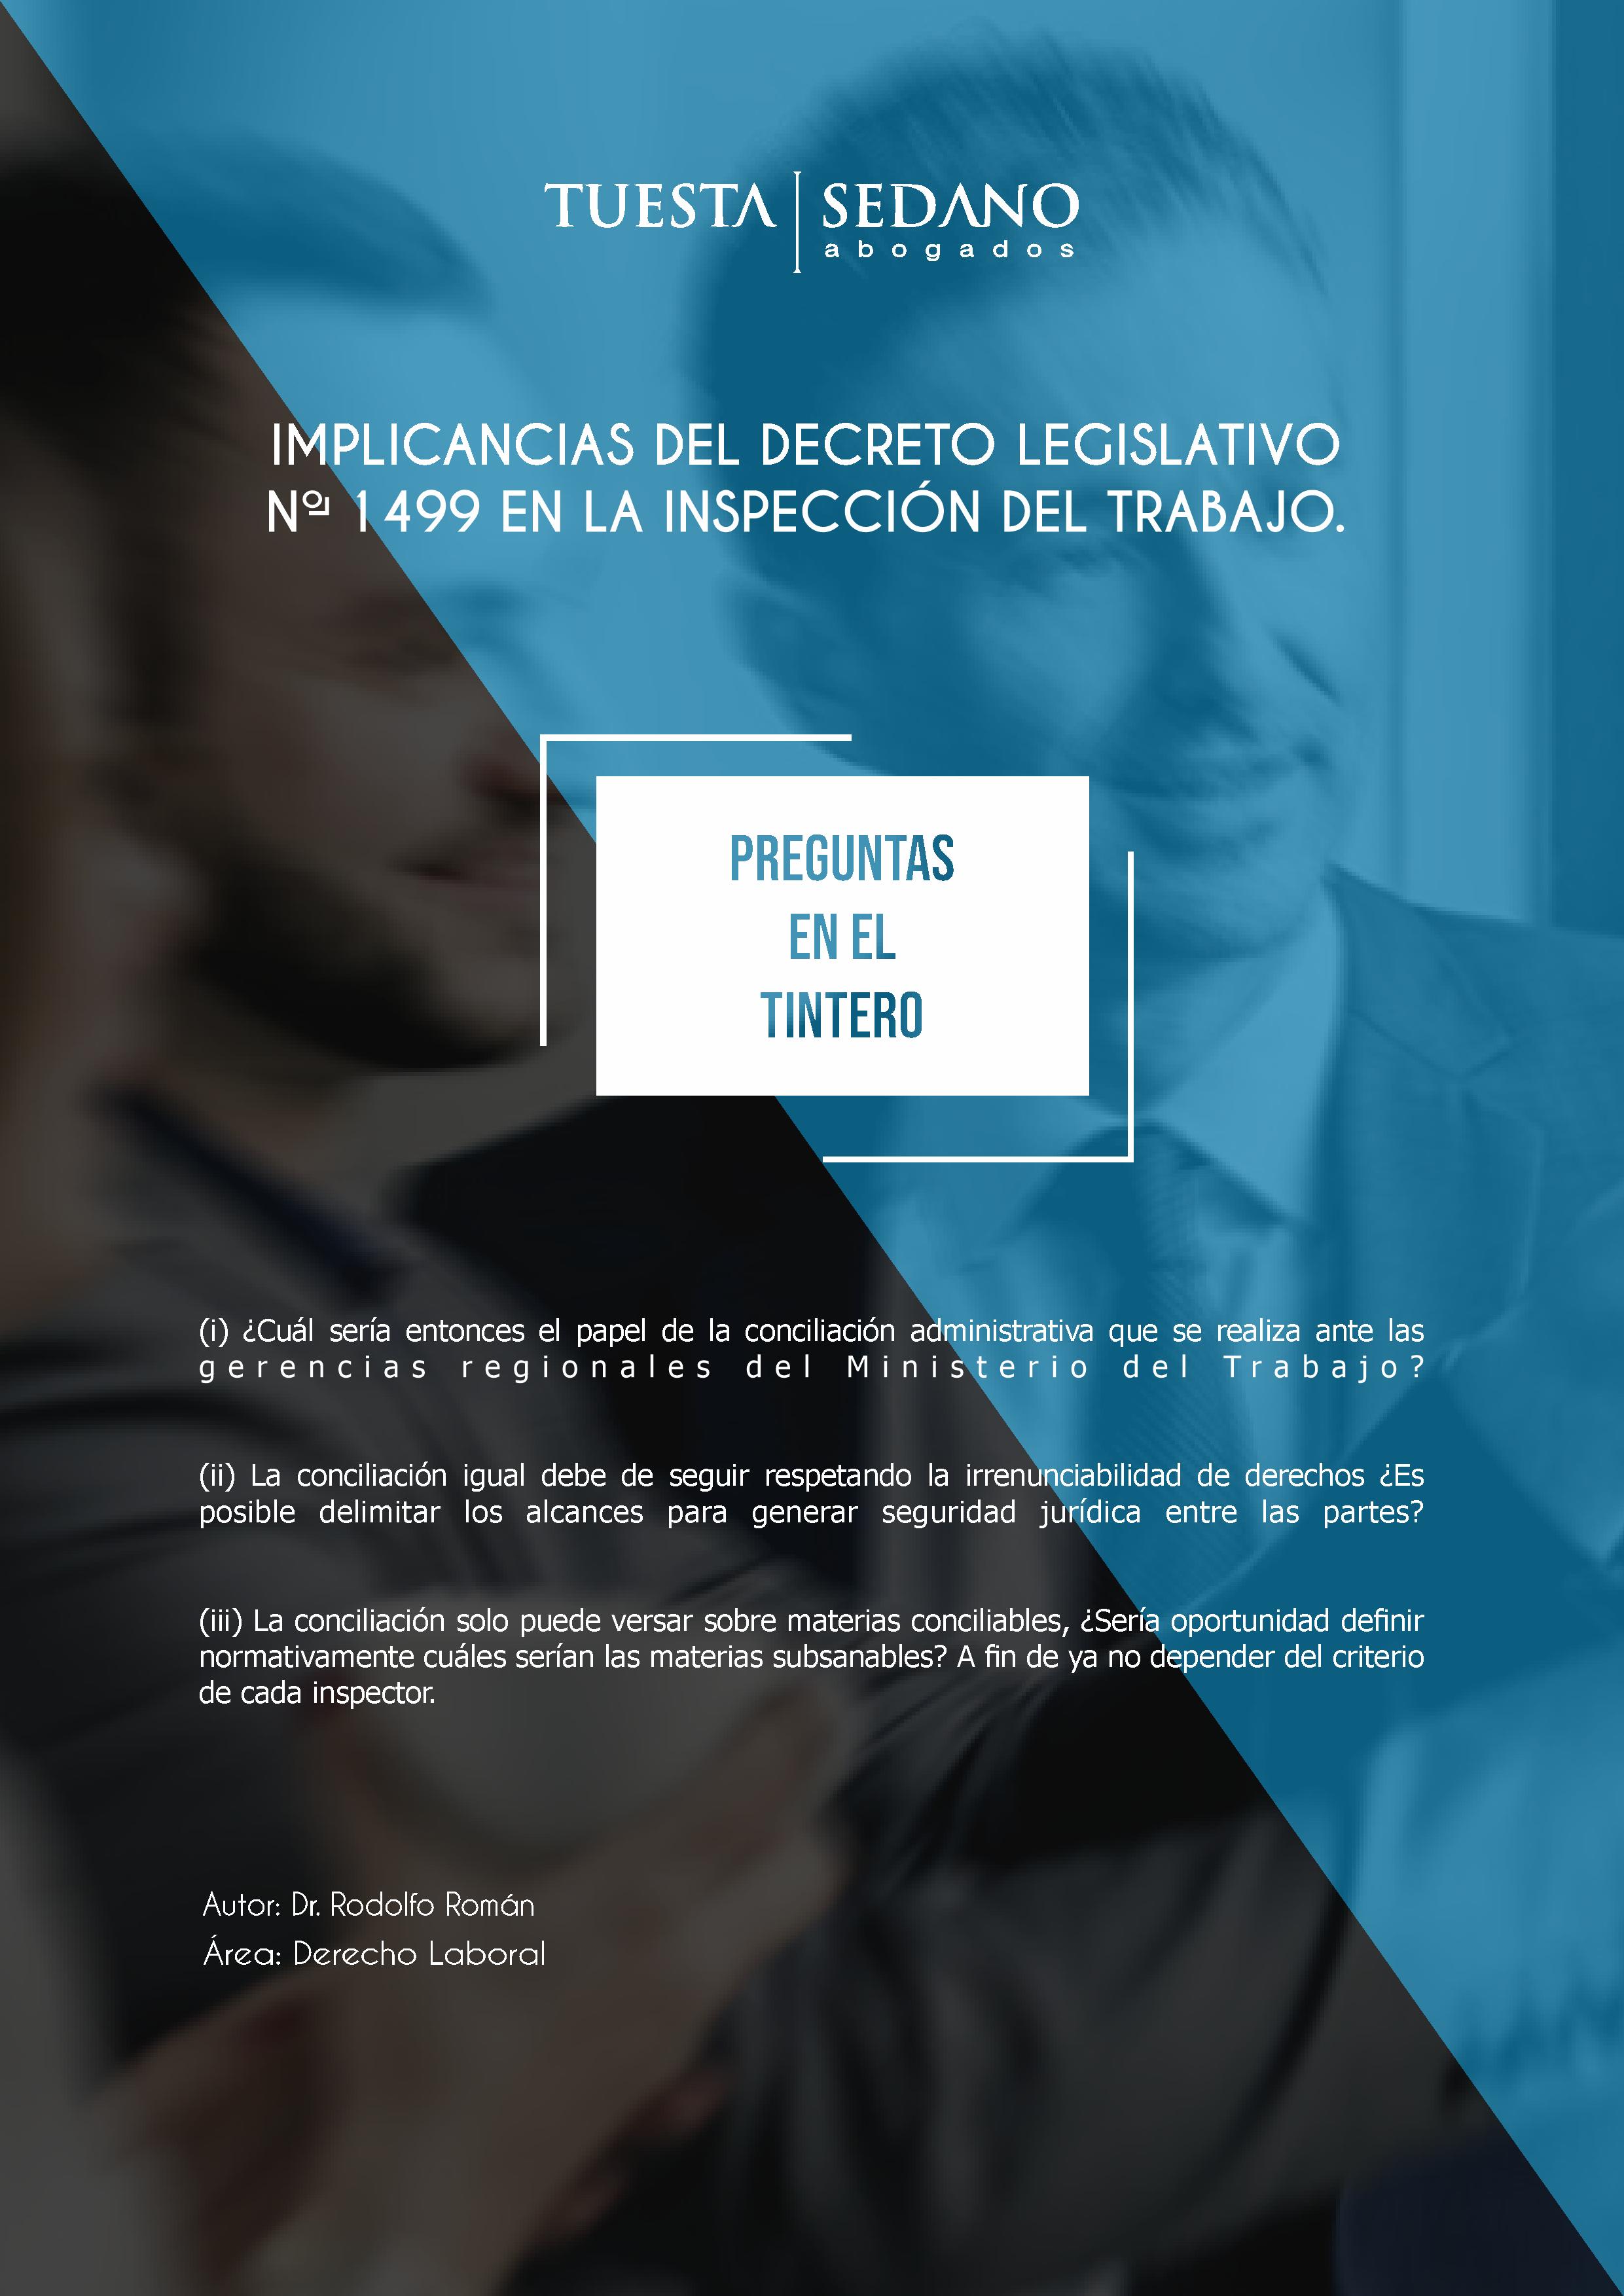 4-IMPLICANCIAS DEL DECRETO LEGISLATIVO No.1499 EN LA INSPECCIÓN DEL TRABAJO